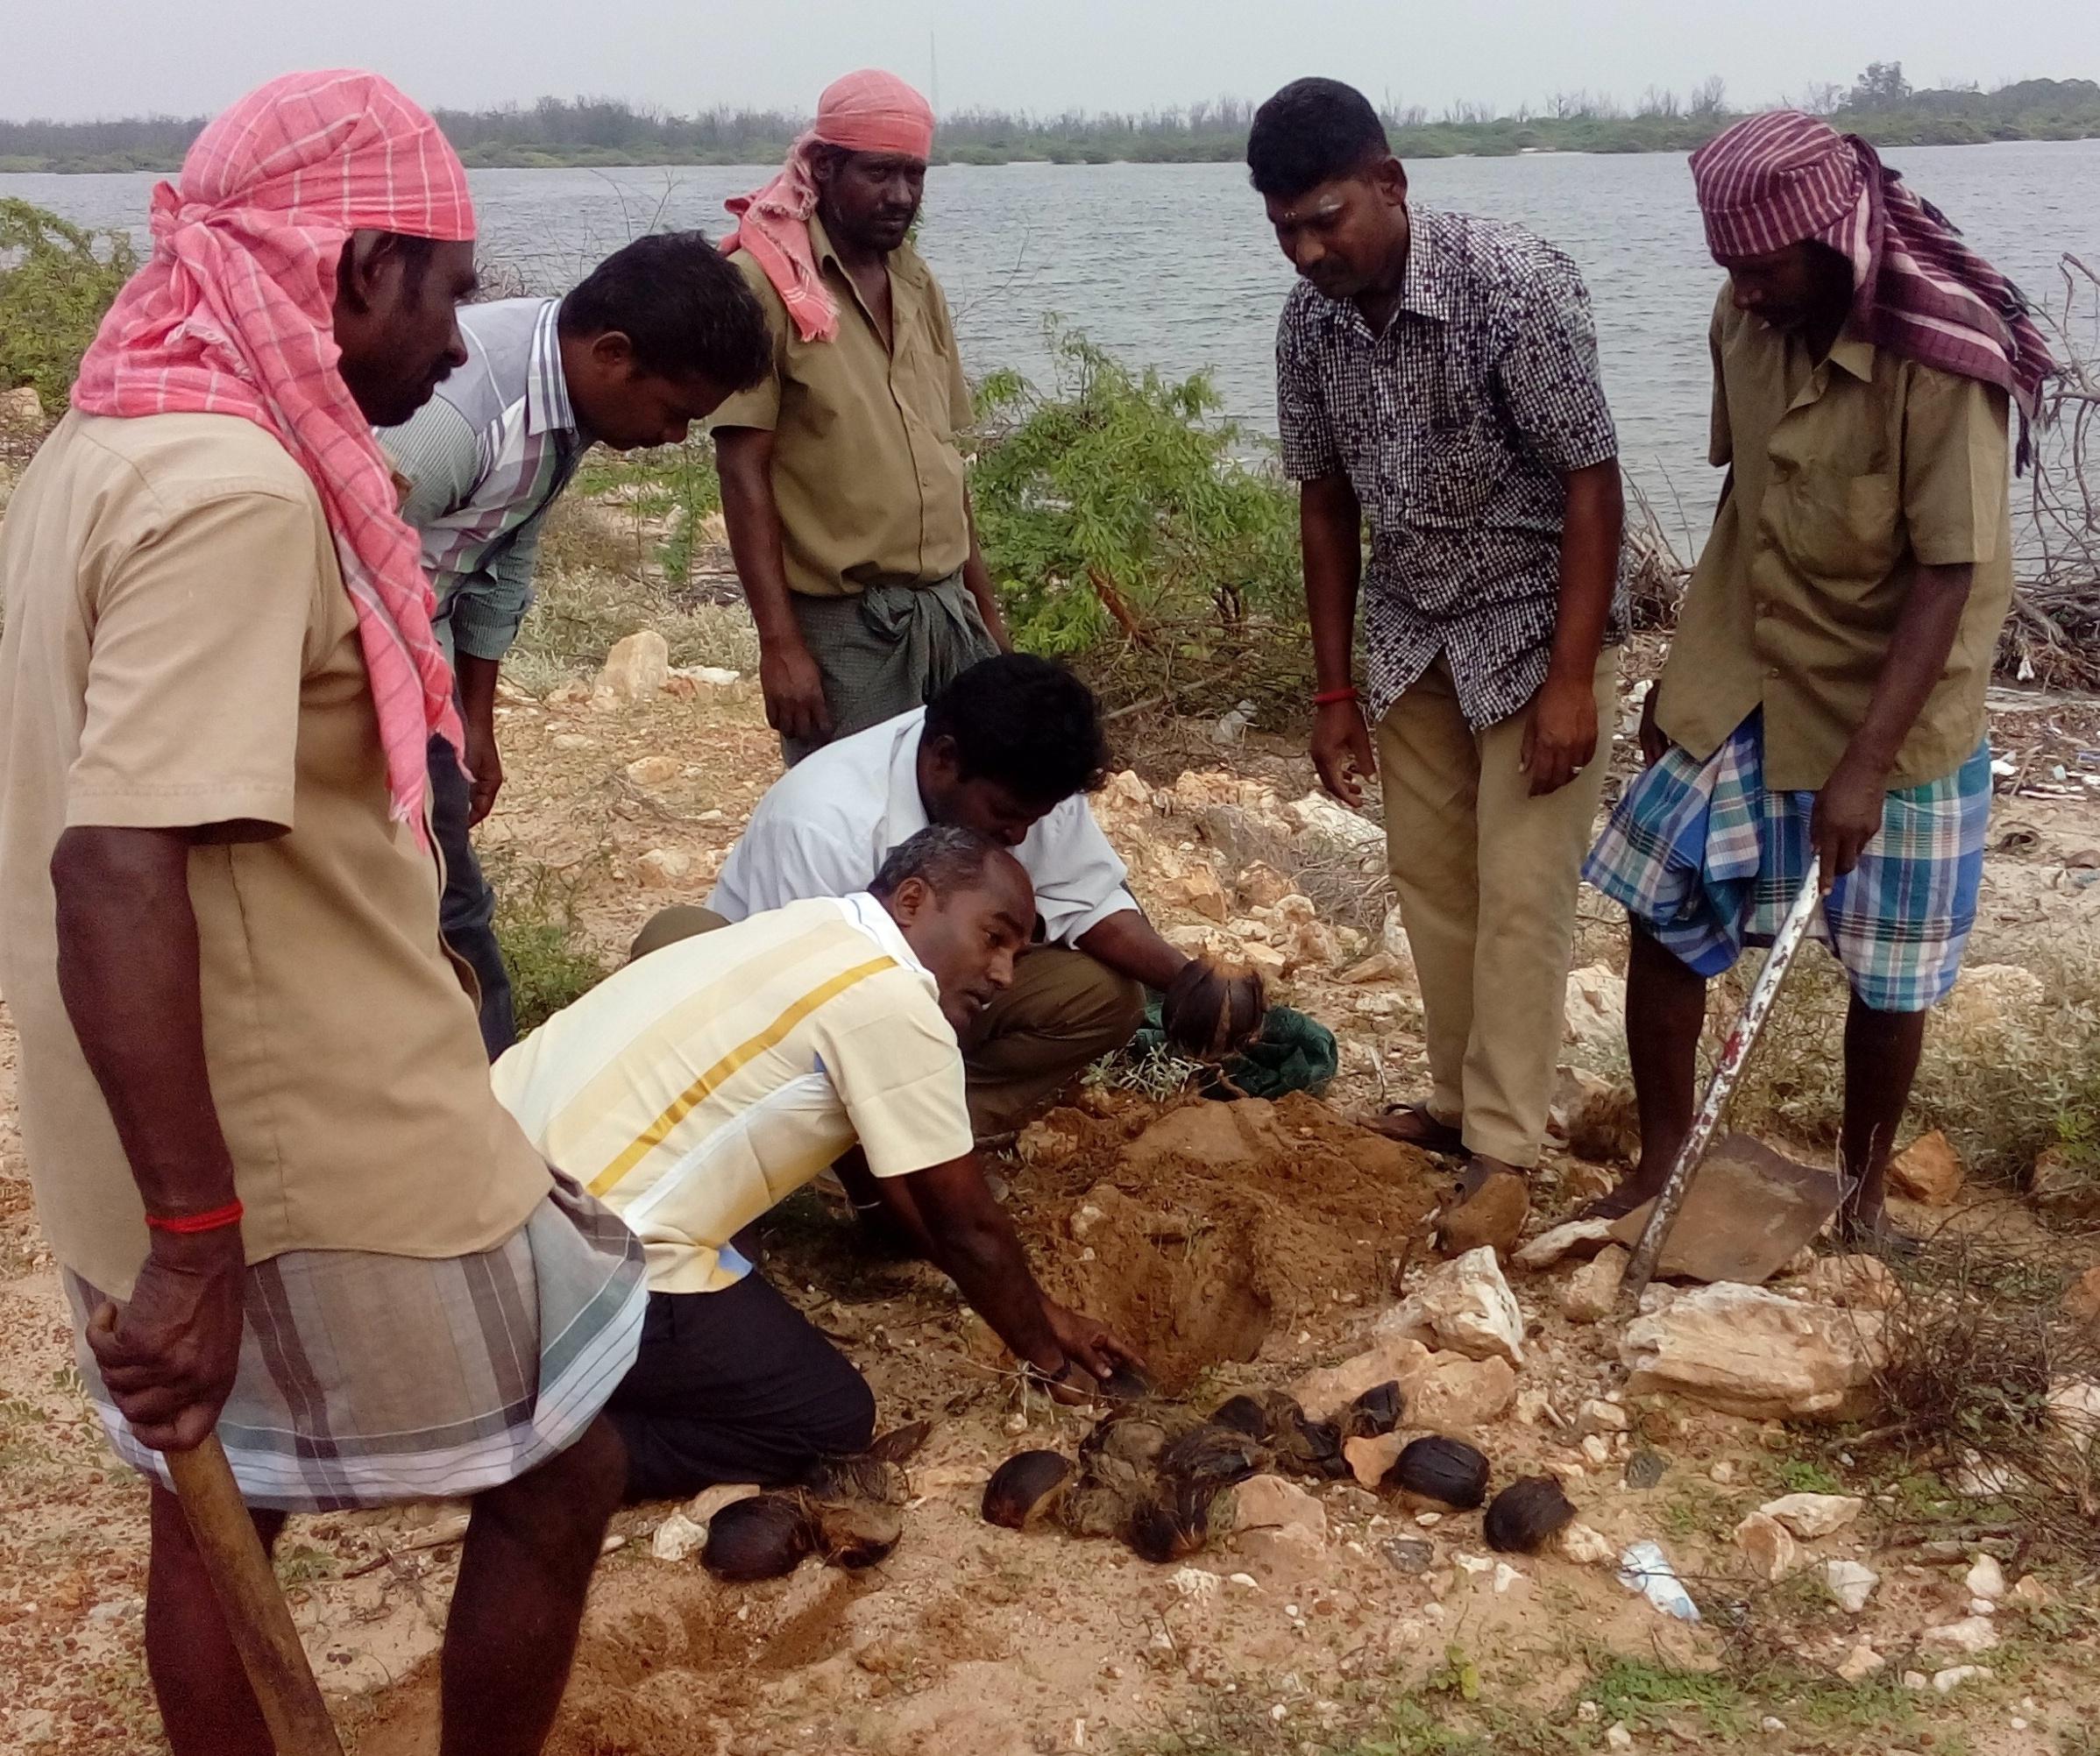 தனுஷ்கோடி சாலையில் பனை மர கொட்டைகள் விதைக்கும் பணி